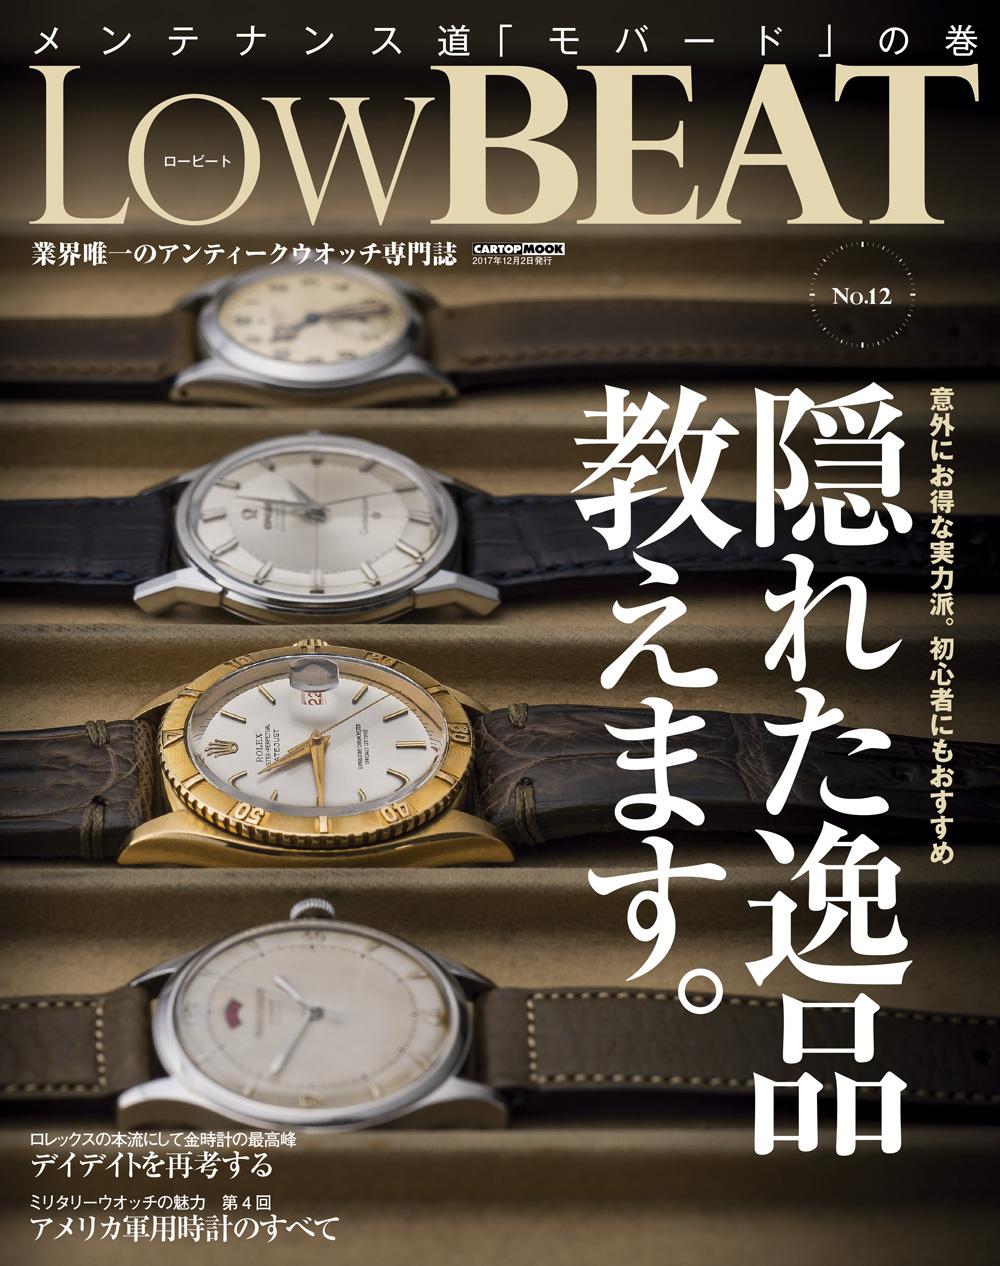 C's-Factory|電子書籍|LowBEAT No.12